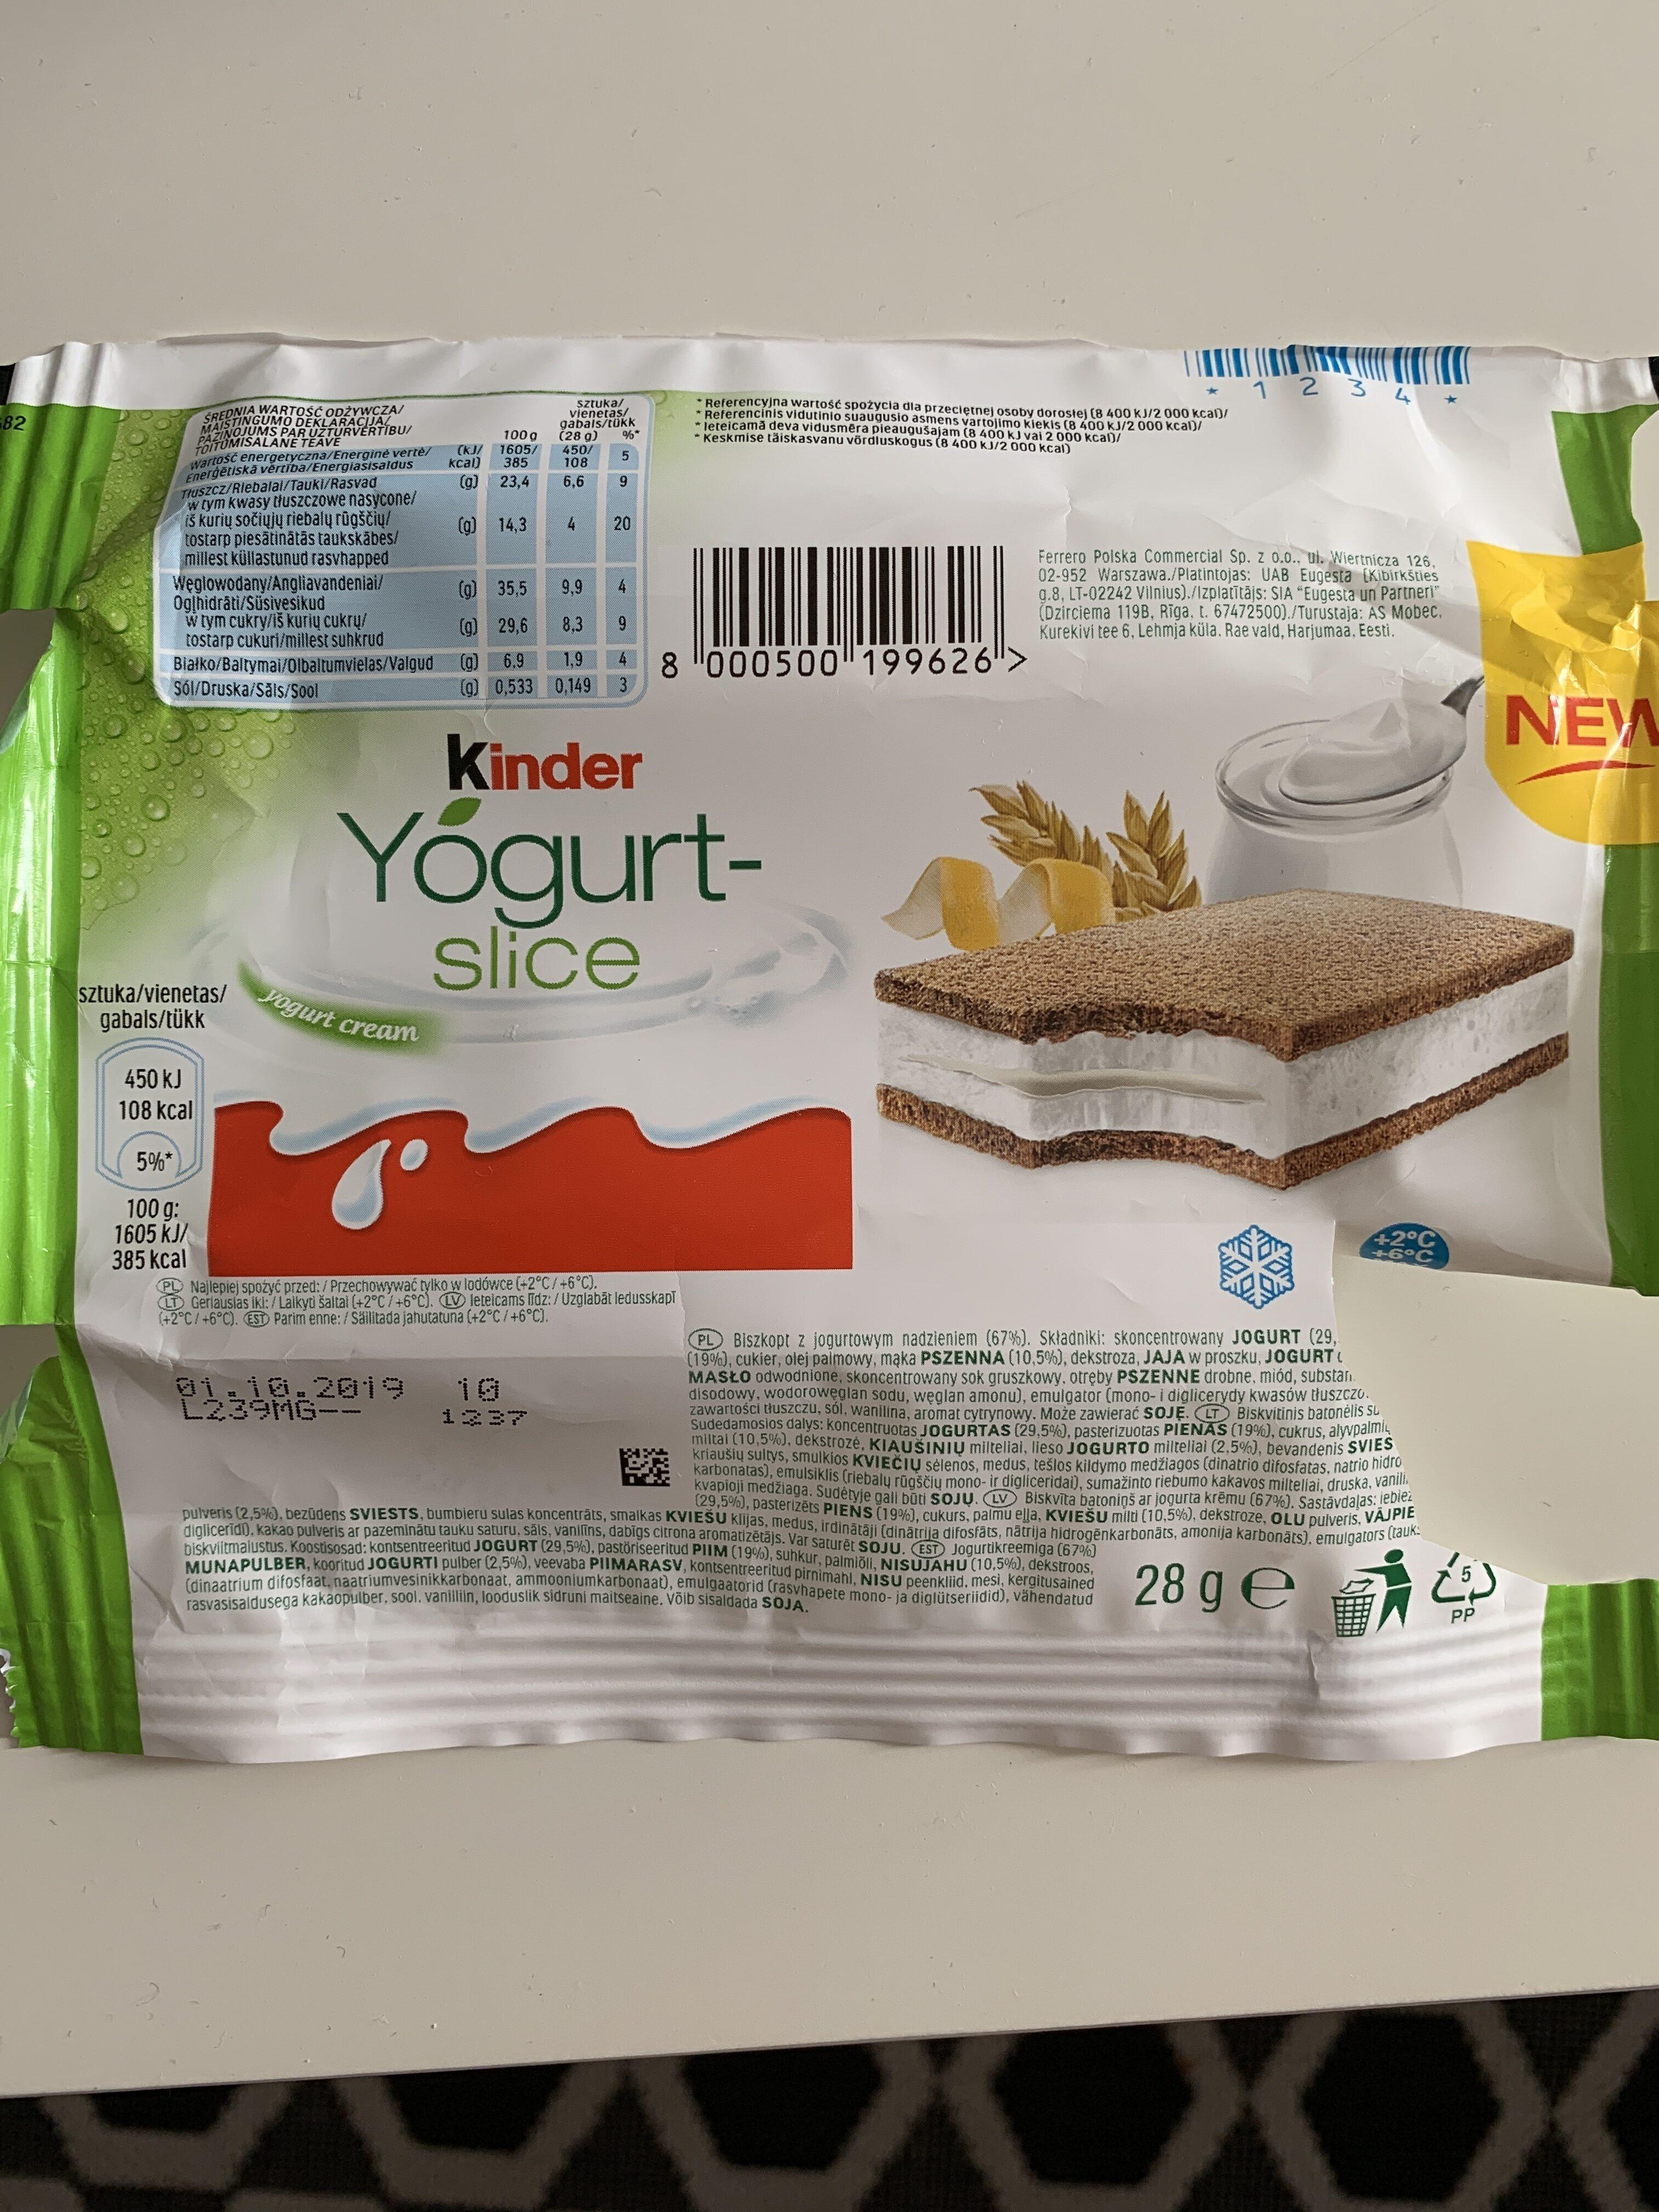 Biszkopt z jogurtowym nadzieniem 67% - Prodotto - pl